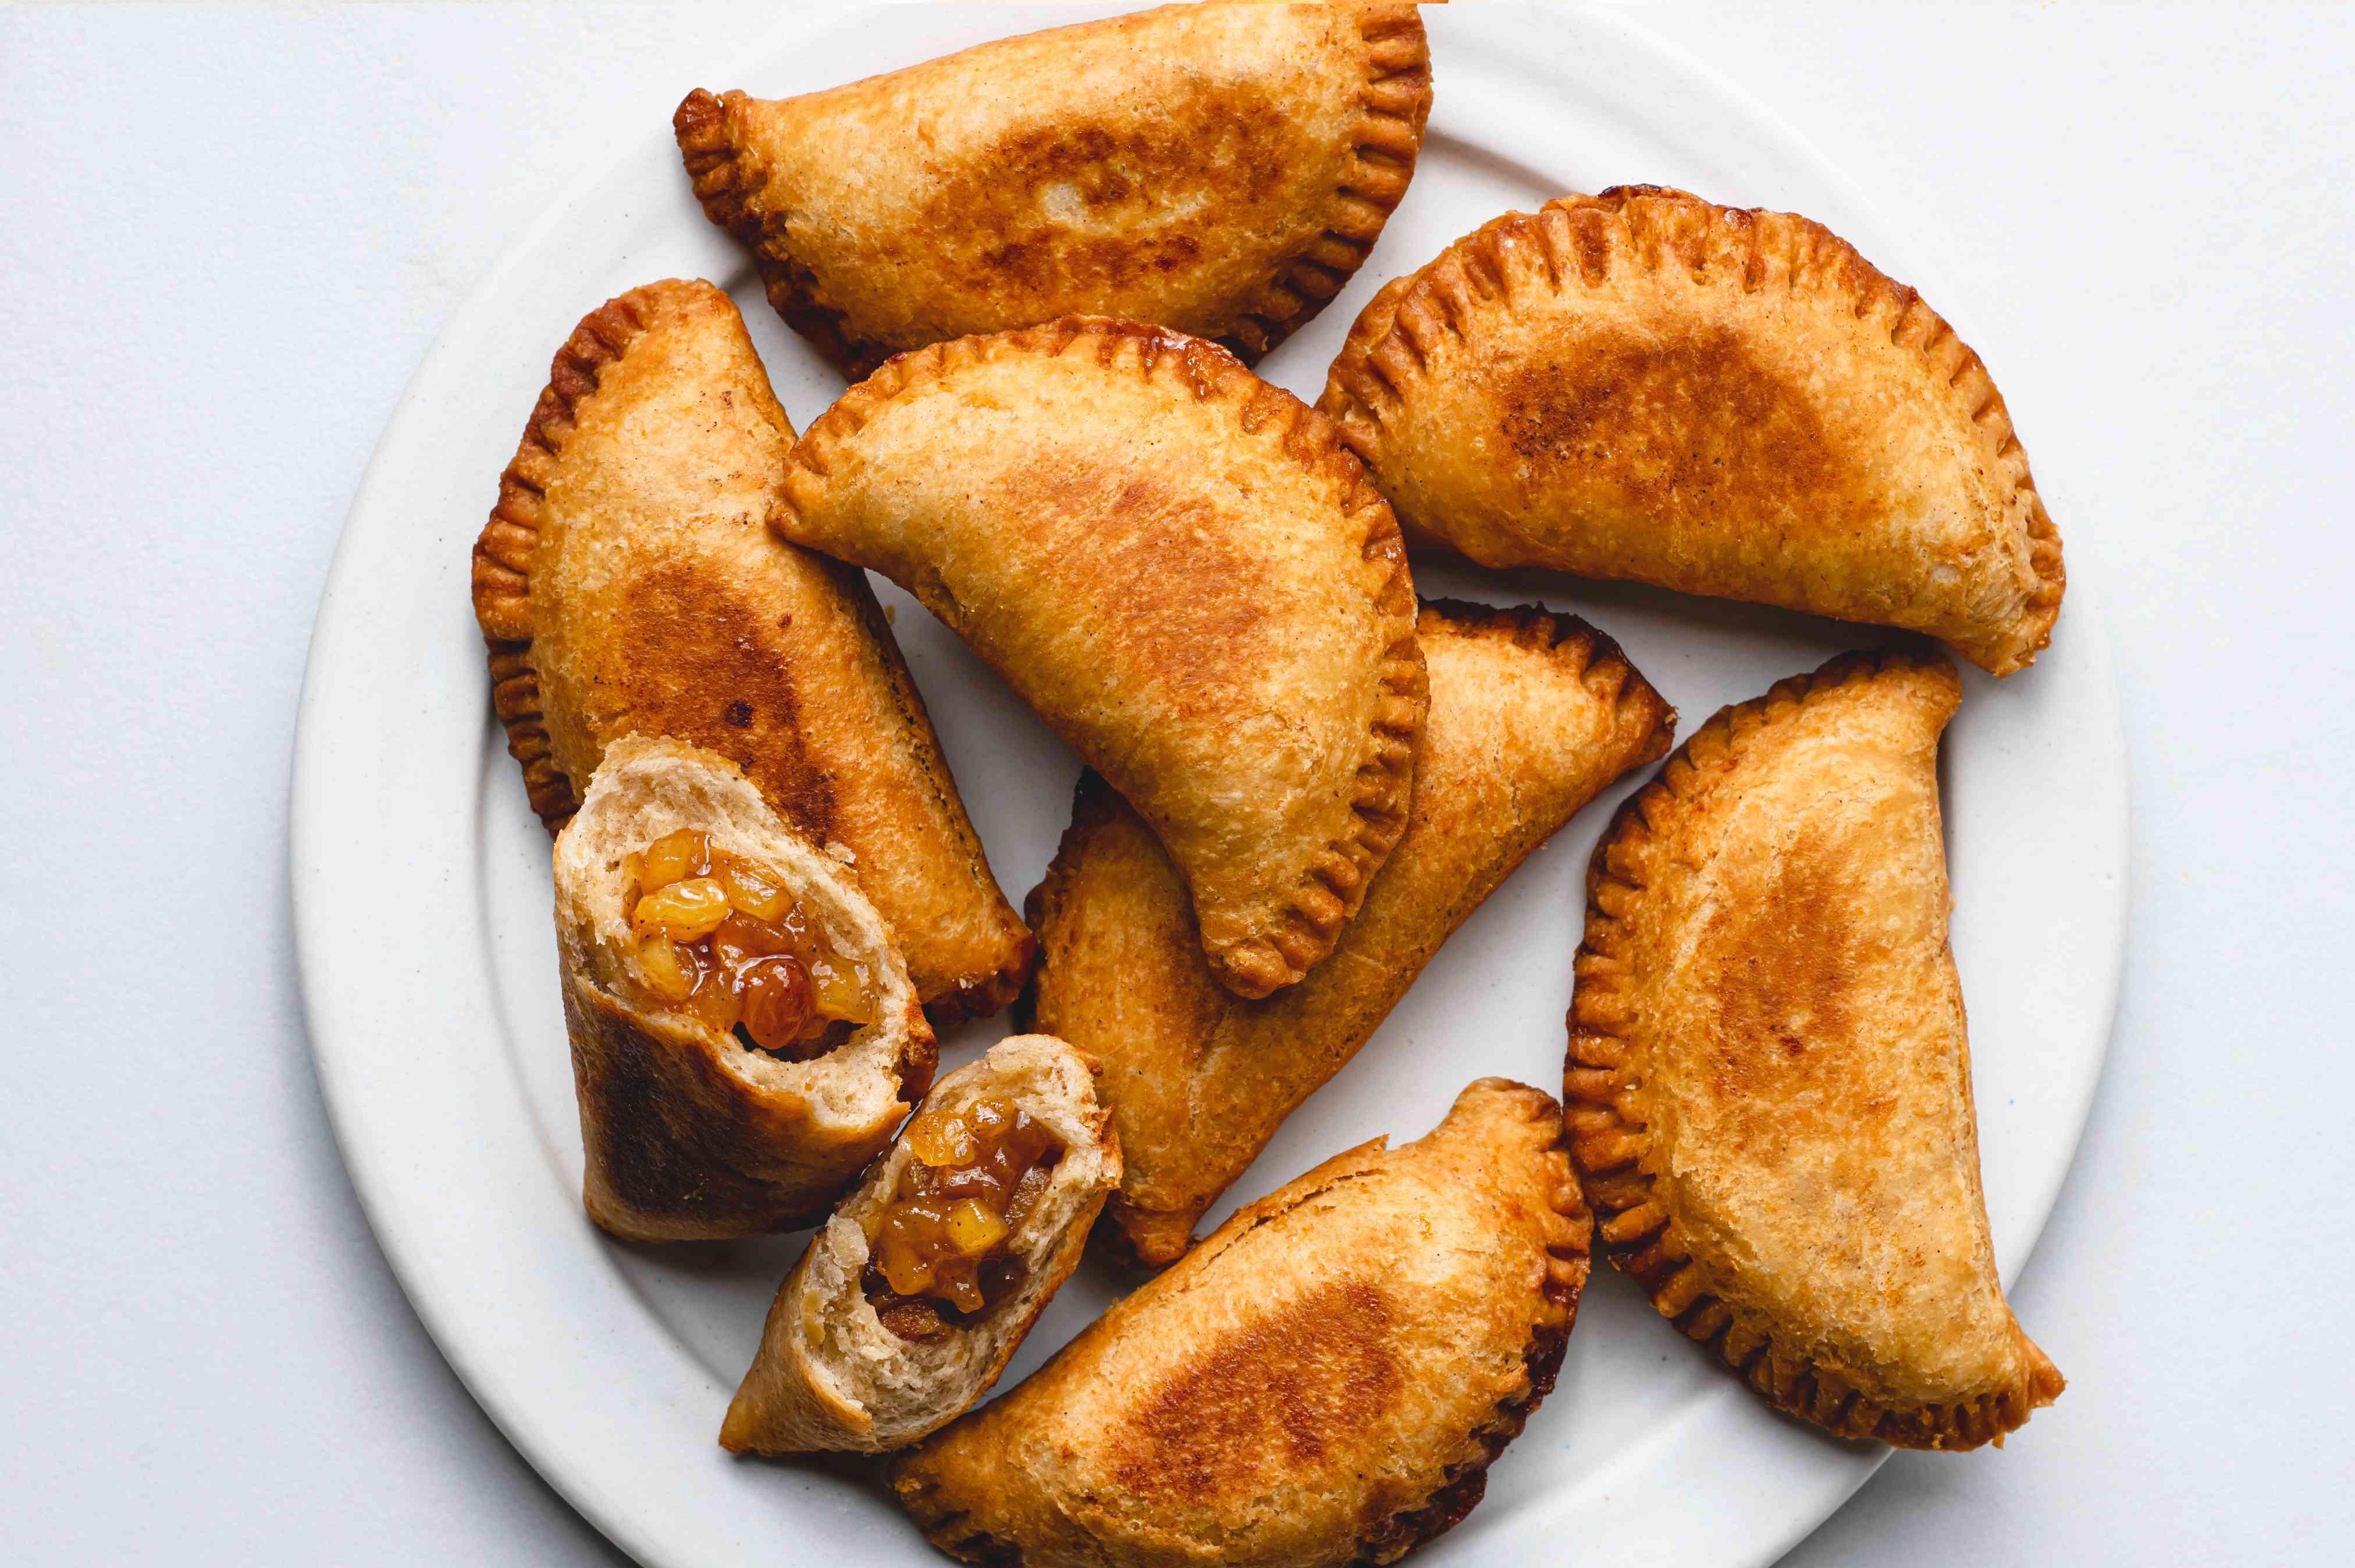 Abuela's Apple Empanadas recipe